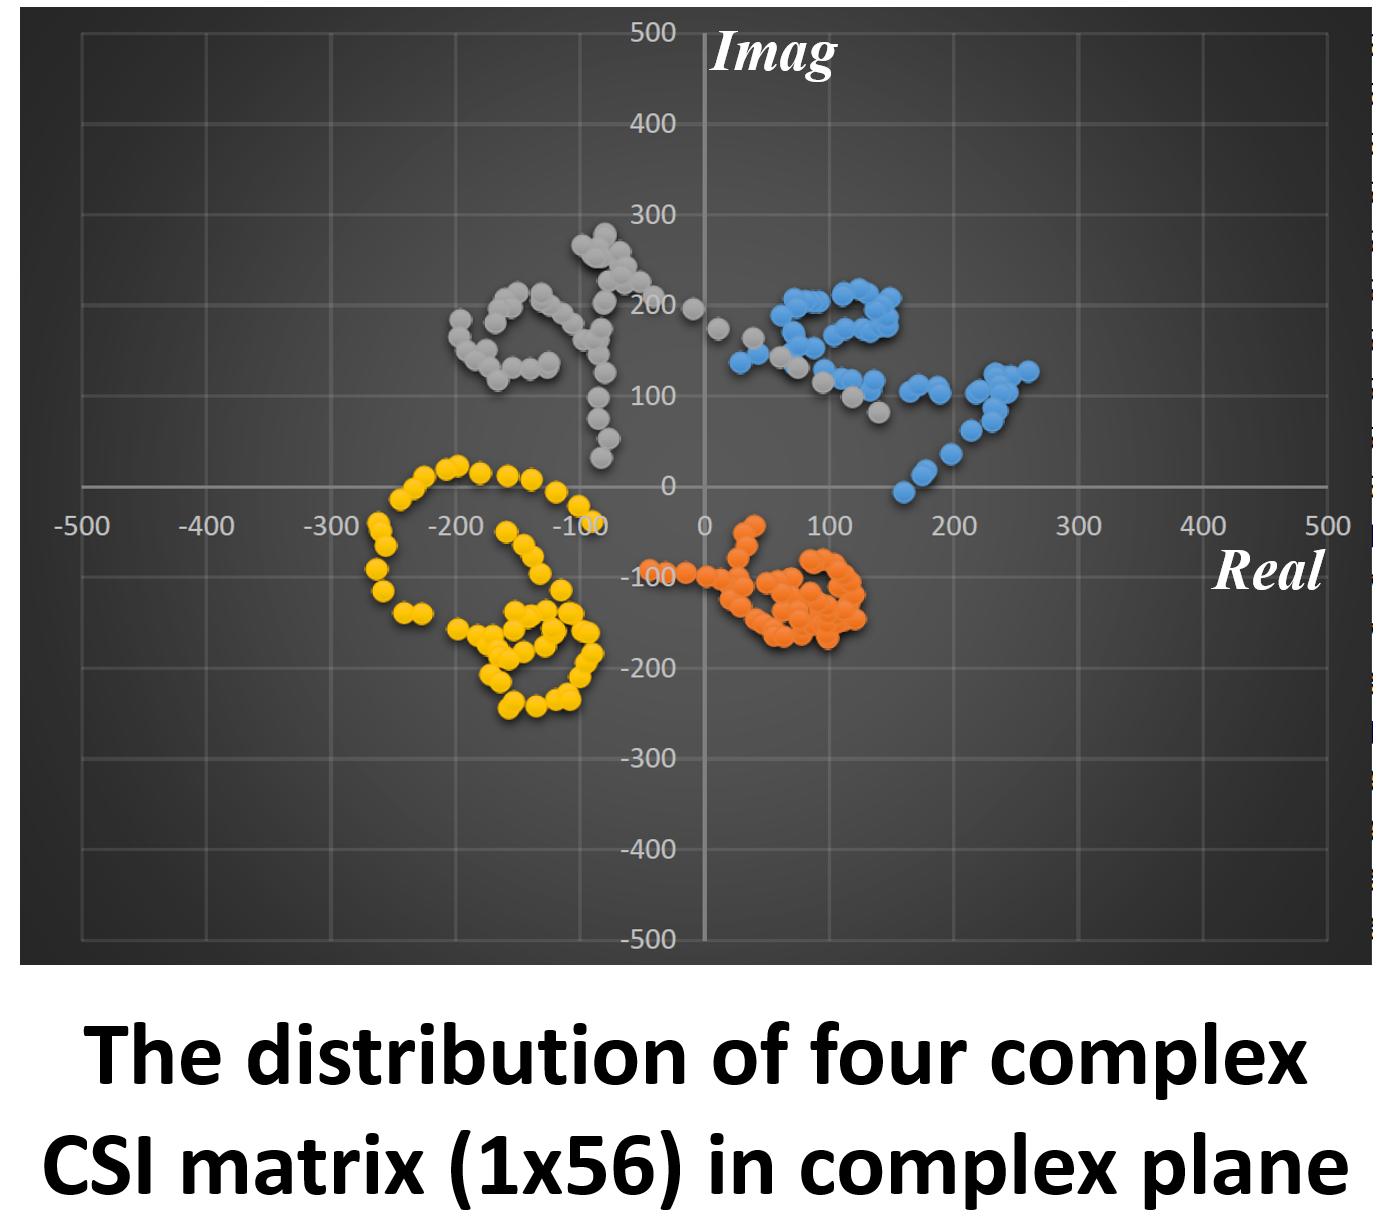 CSI complex